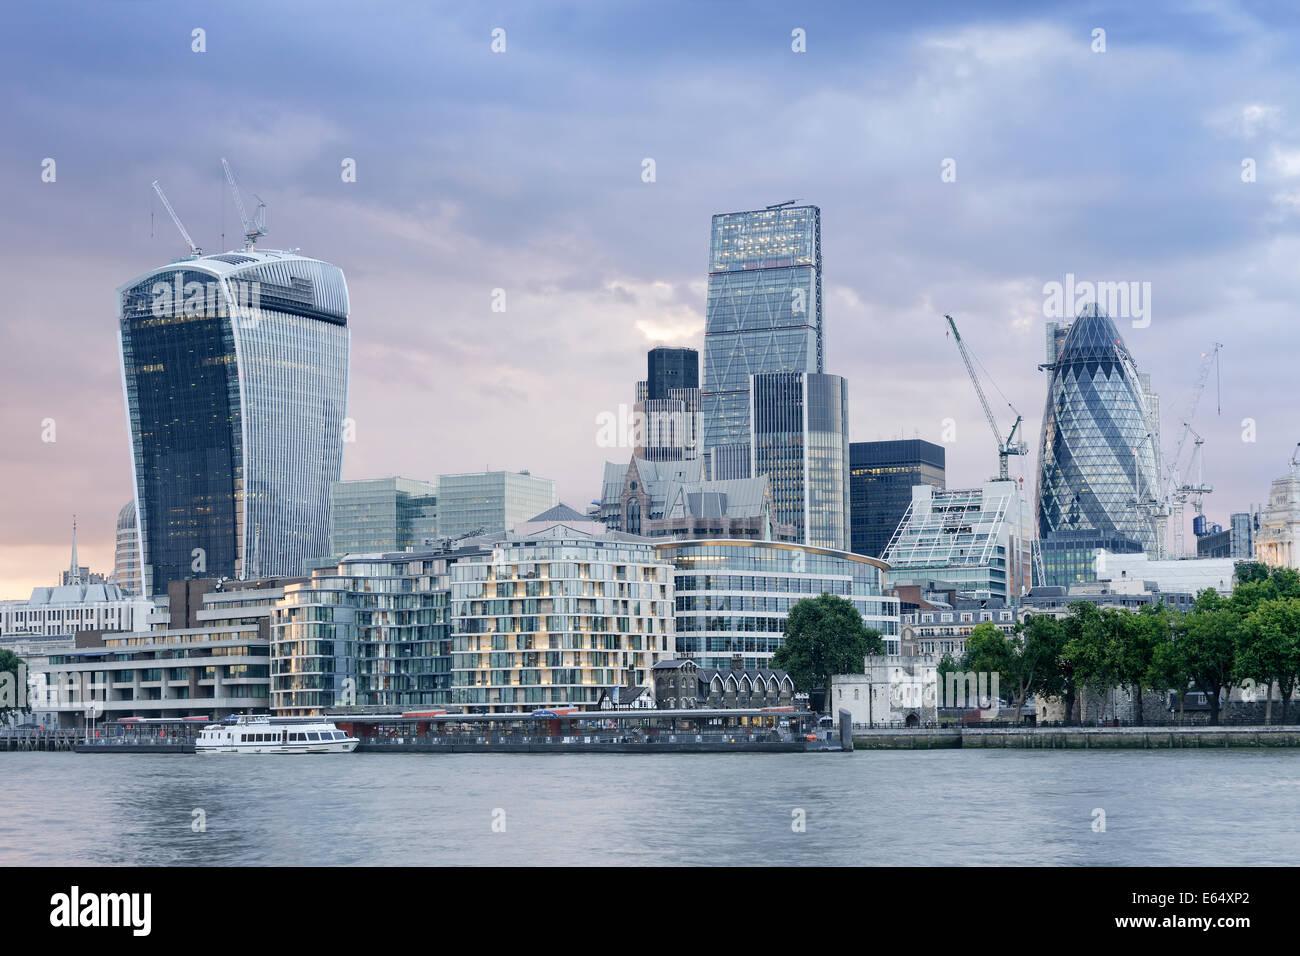 Ciudad de Londres, Reino Unido. Imagen De Stock